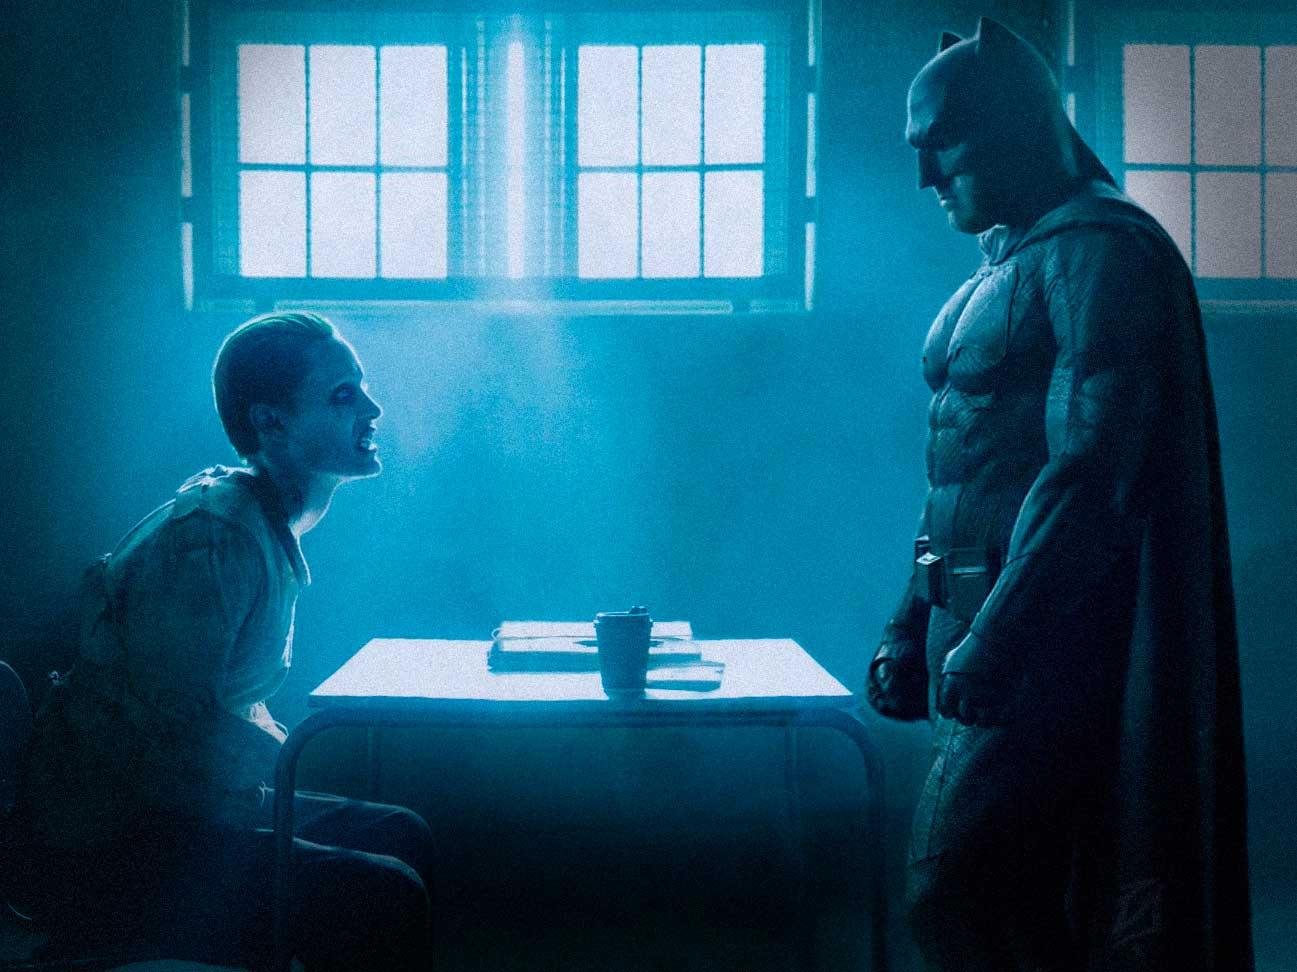 batman_joker_suicide_squad_by_patokali-d9ek7ka.jpg